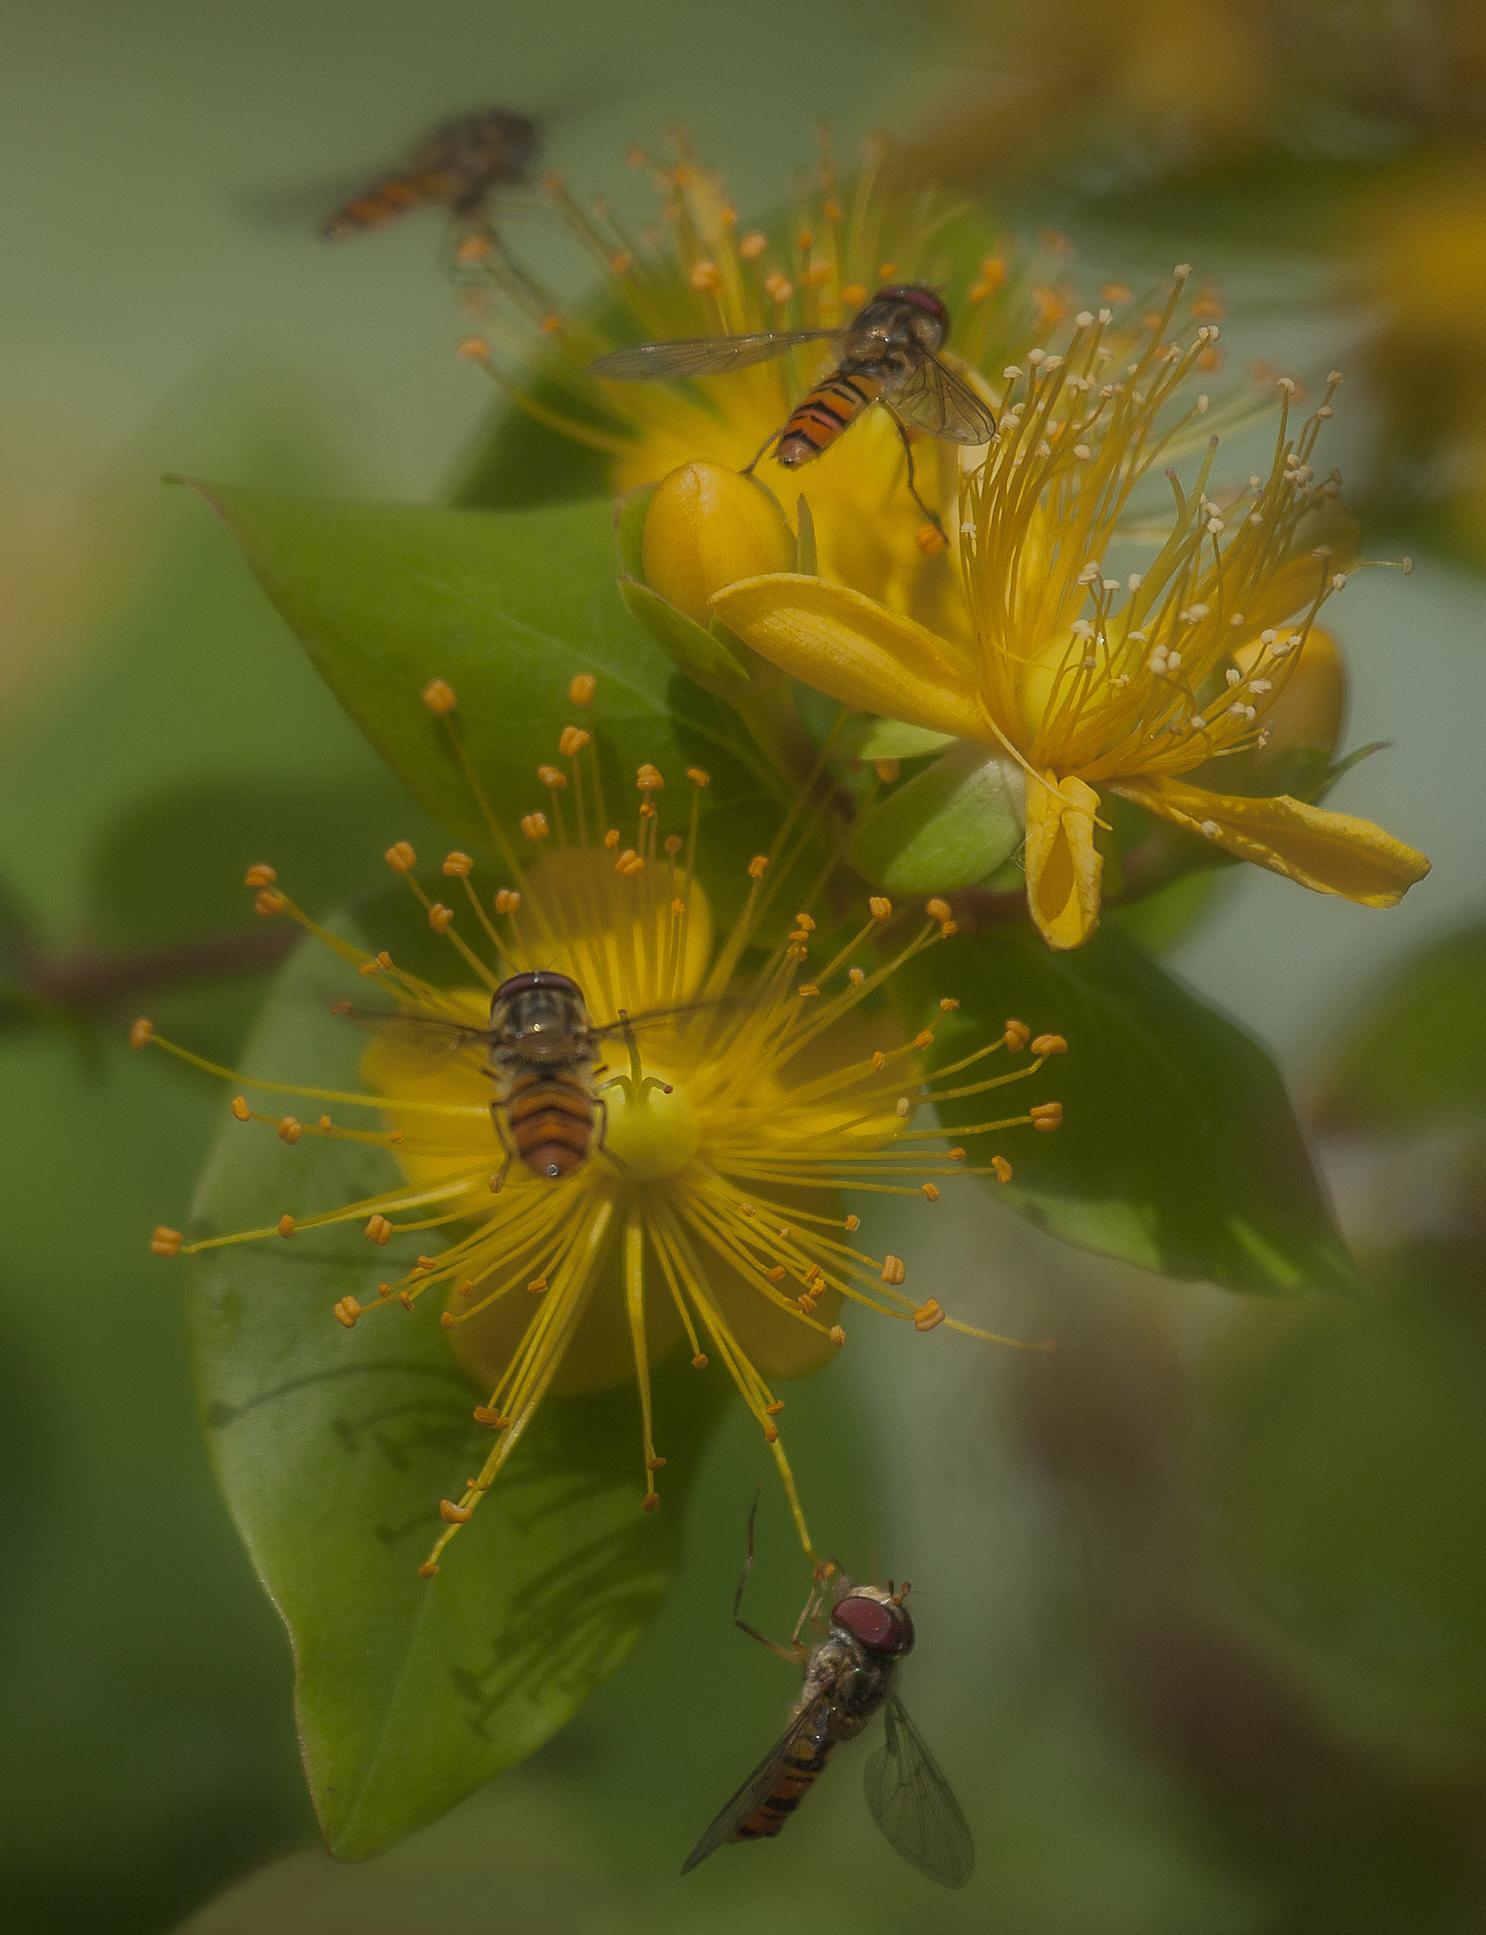 Drukte bij de hertshooi - Mooie bloemetjes trekken nou eenmaal de aandacht van mij en deze insecten - foto door AA-99 op 10-04-2021 - deze foto bevat: bloemen, insecten, bloem, fabriek, bloemblaadje, bestuiver, kruidachtige plant, insect, bloeiende plant, terrestrische plant, perforeer sint-janskruid, geleedpotigen